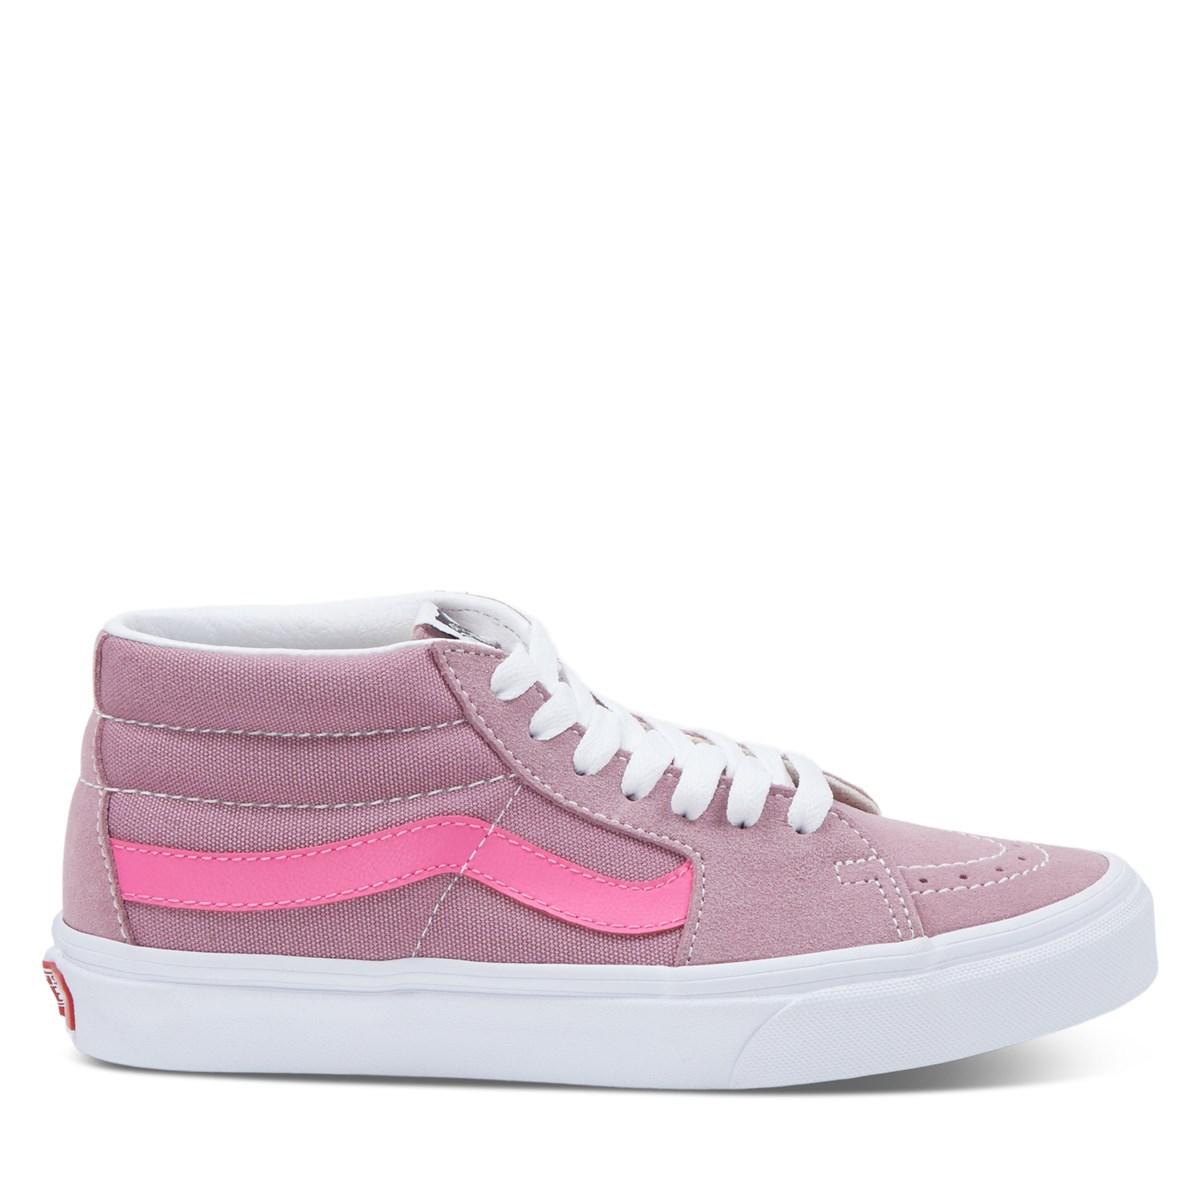 Women's Retro Sport Sk8-Mid Sneakers in Pink